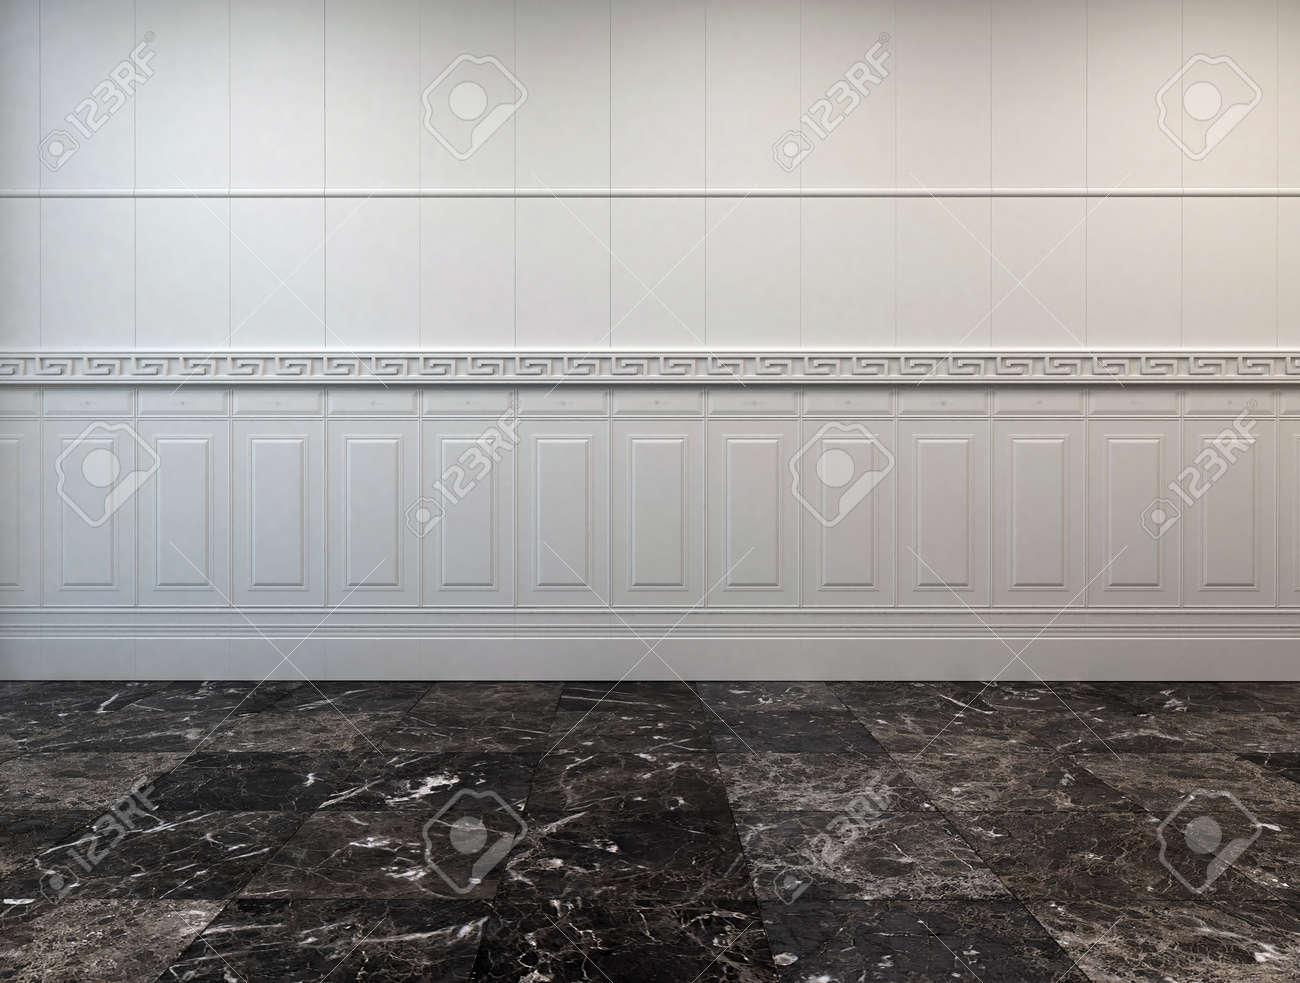 Pavimento Bianco E Grigio : Vuoto interiore camera con un grigio scuro pavimento in marmo e